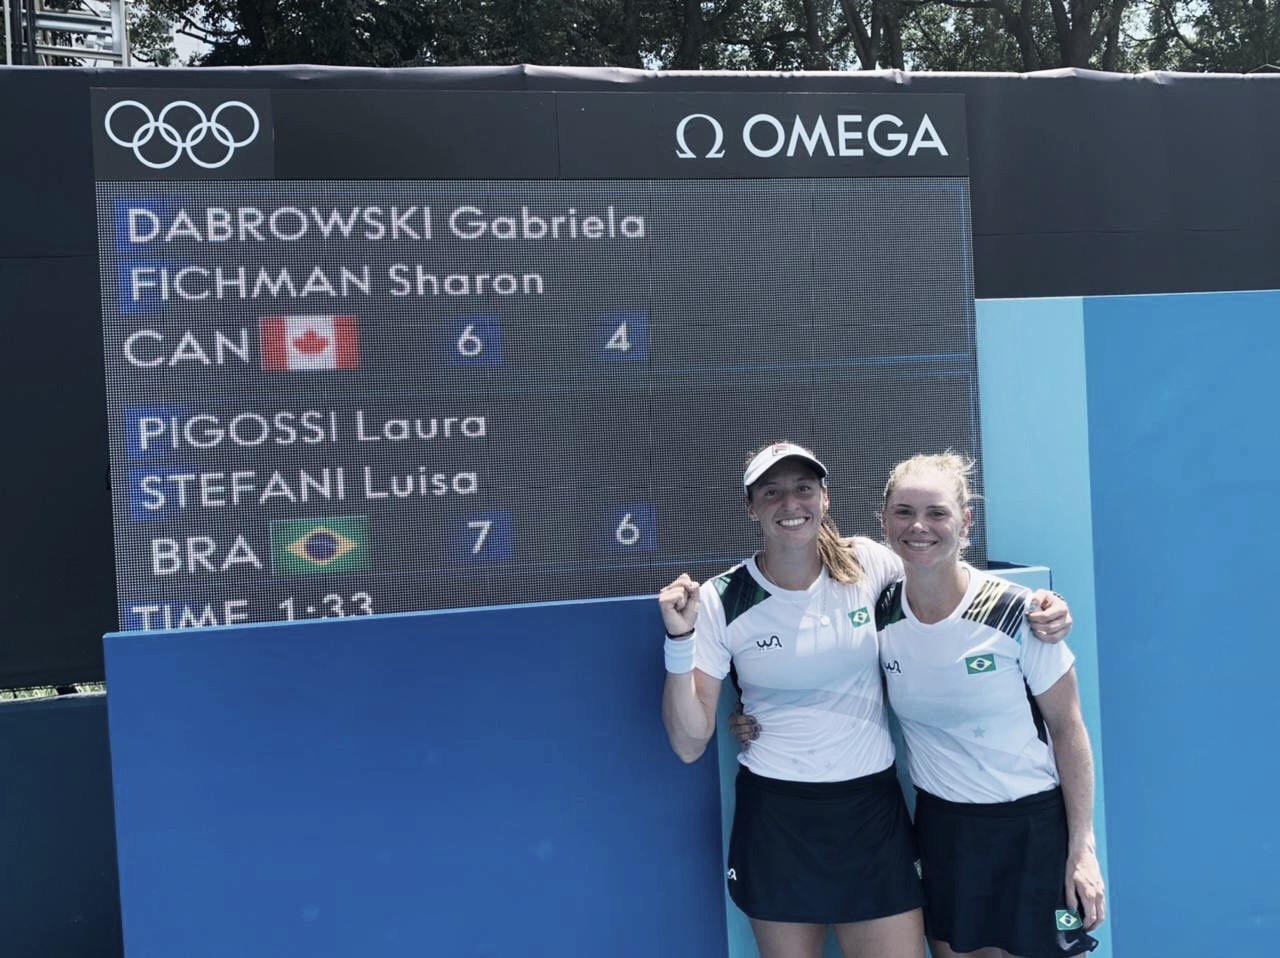 Pigossi/Stefani estreiam com grande vitória sobre Dabrowski/Fichman nos Jogos Olímpicos